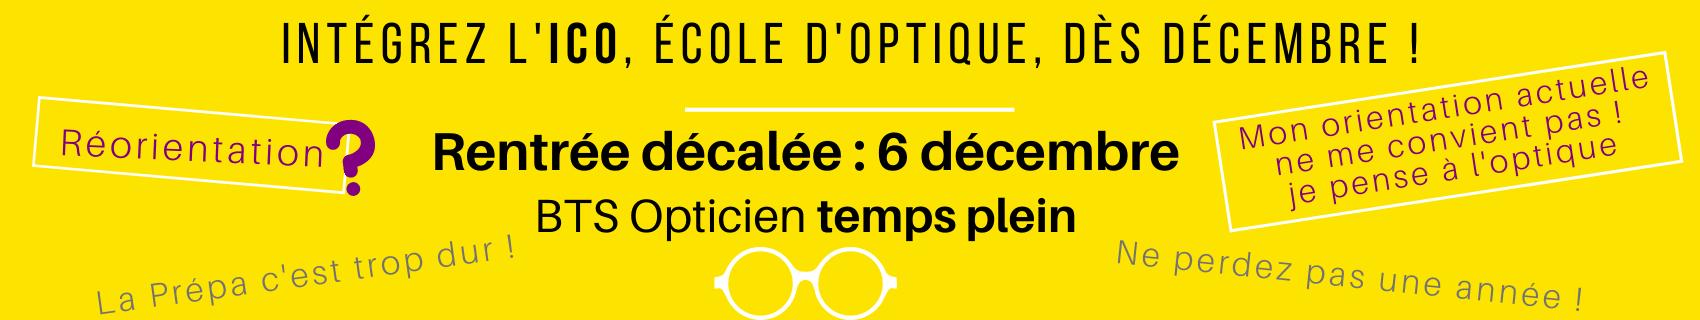 btsopticien-bts-opticien-optique-rentrée-décalée-décembre